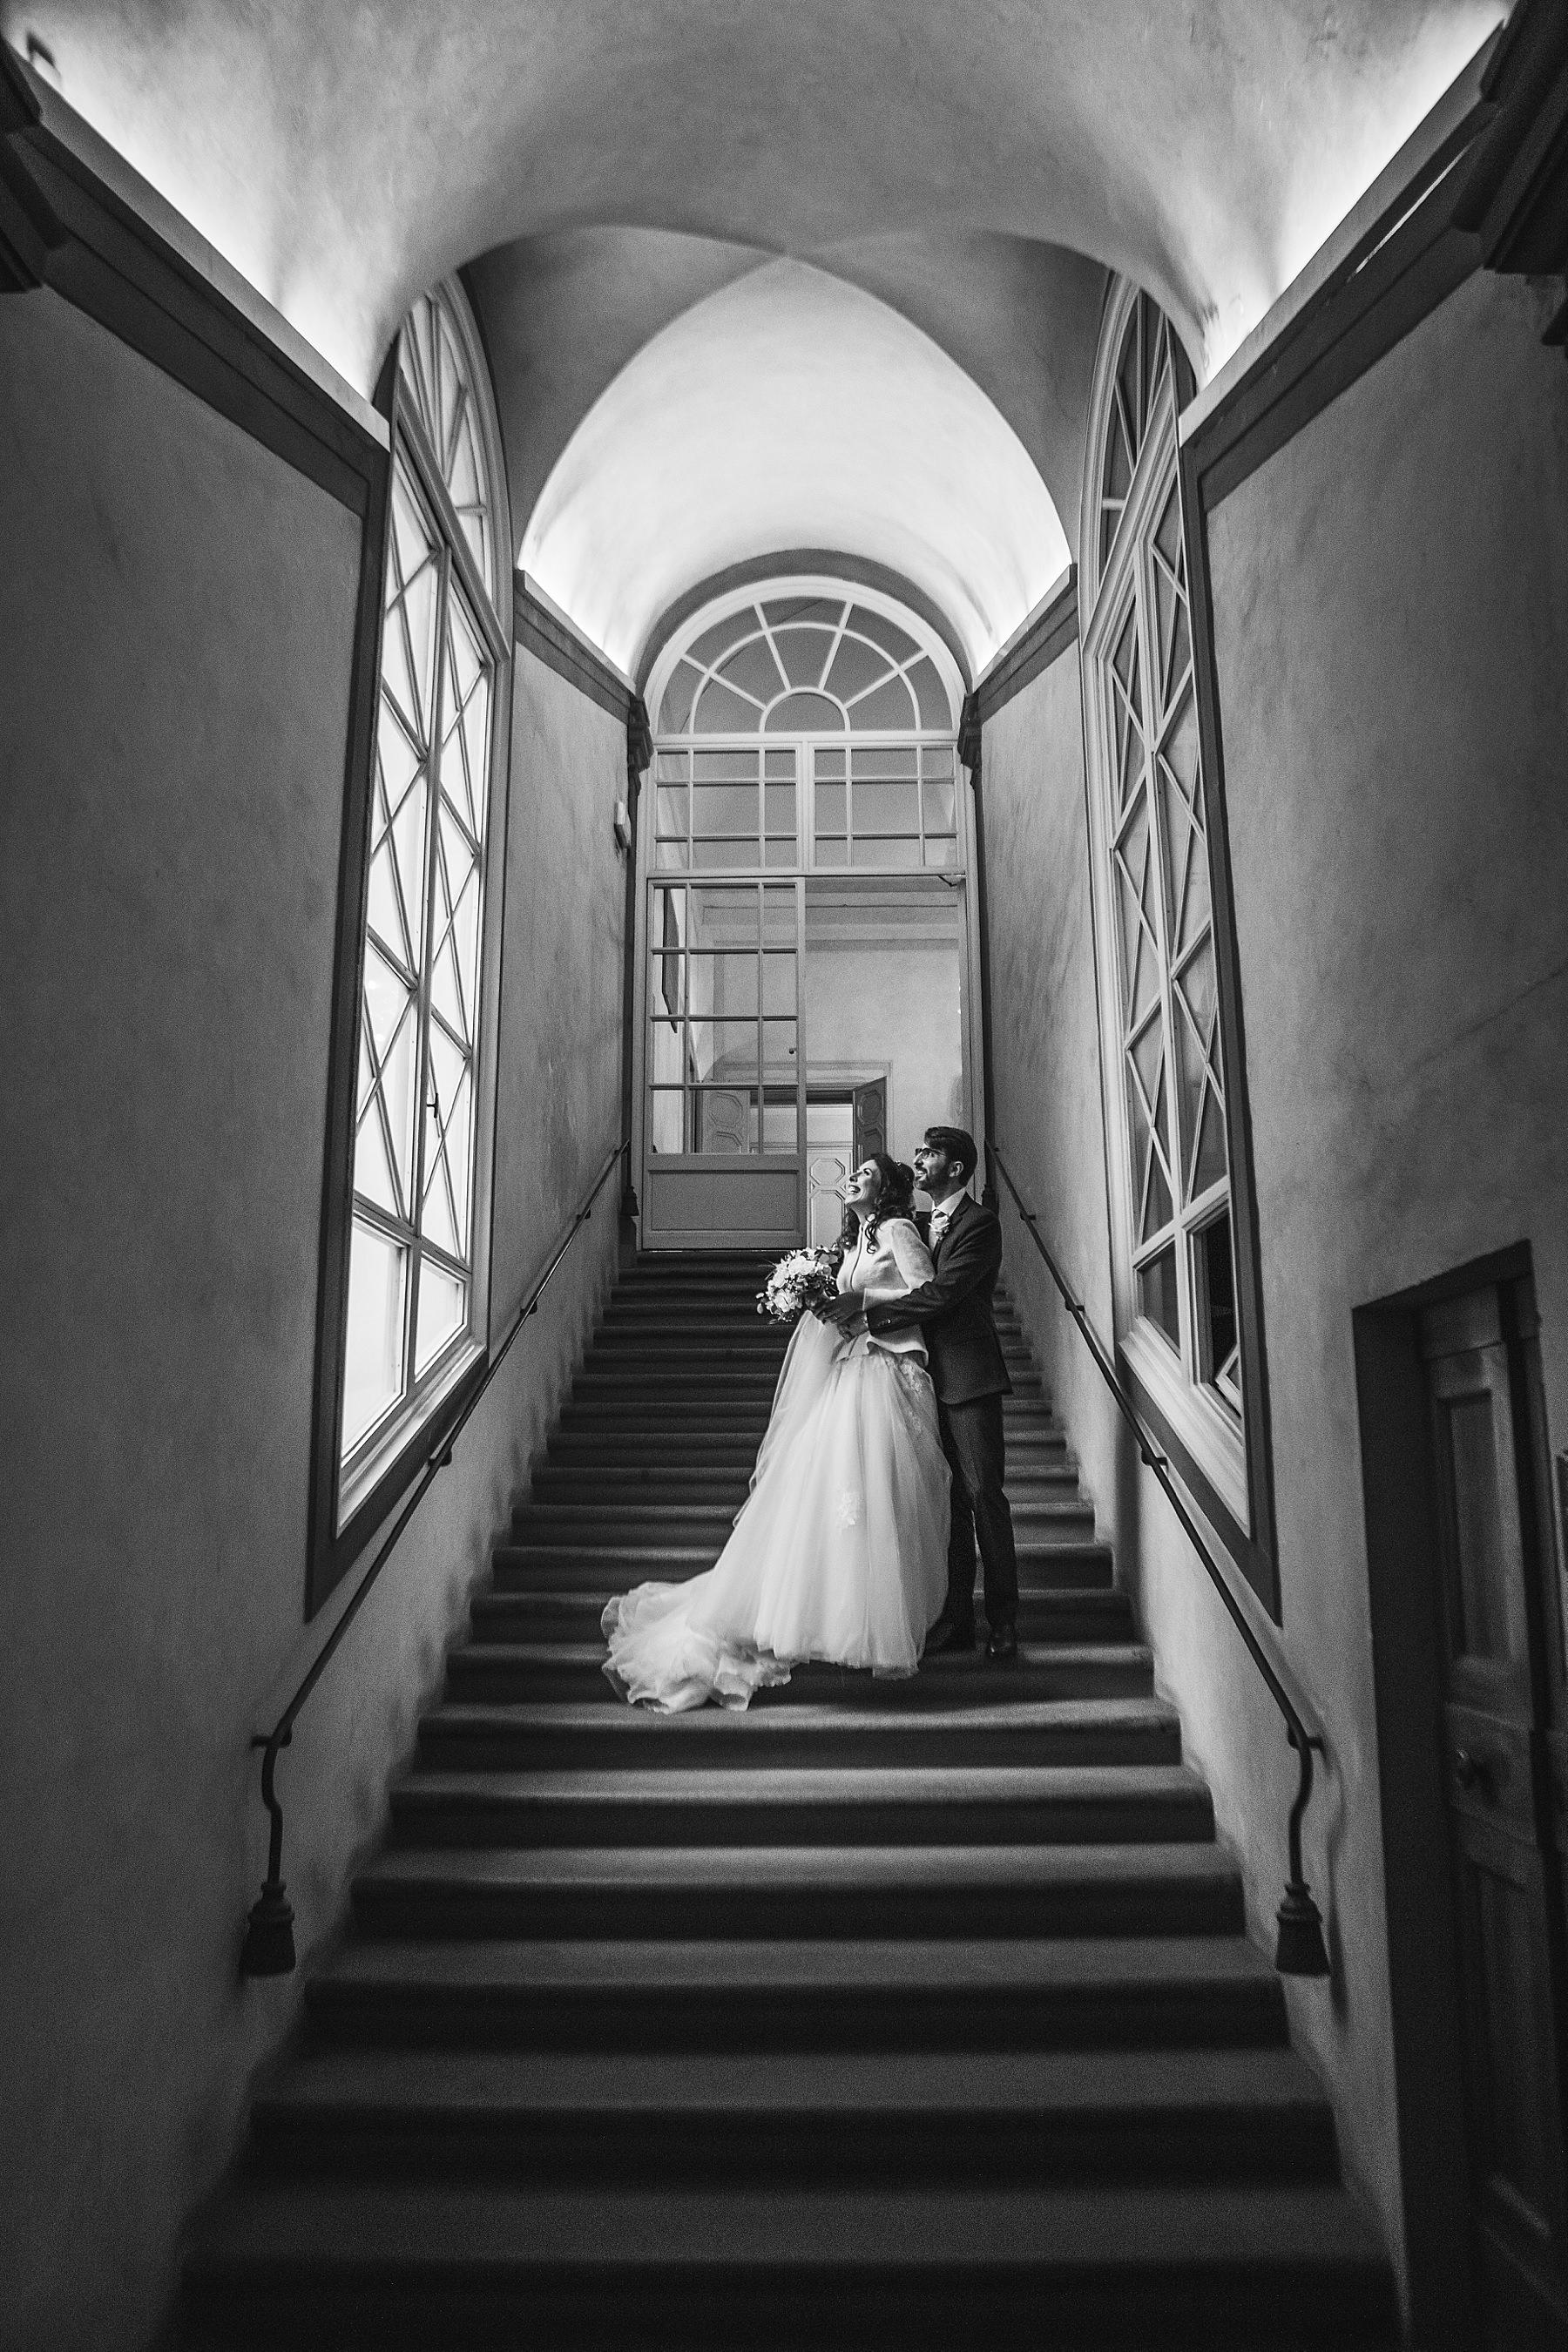 fotografia-di-matrimonio-a-firenze-in-inverno-753.JPG